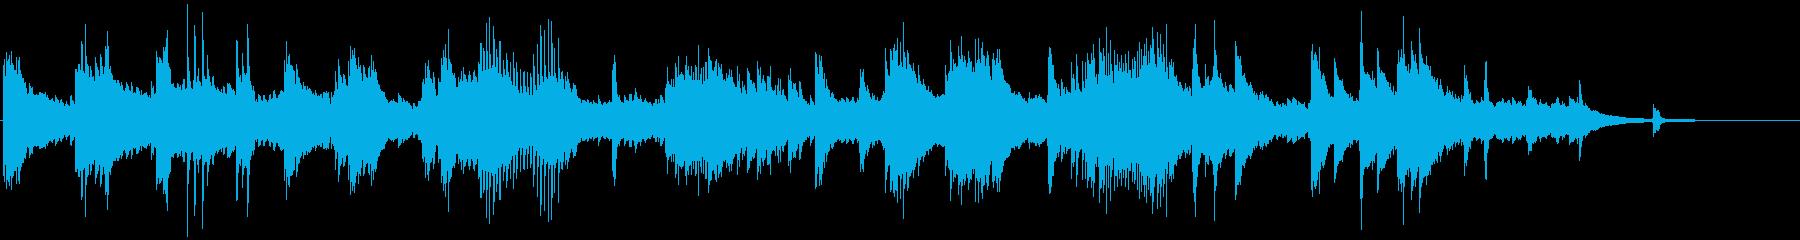 メロディアスで和風なクラシカルピアノ曲の再生済みの波形